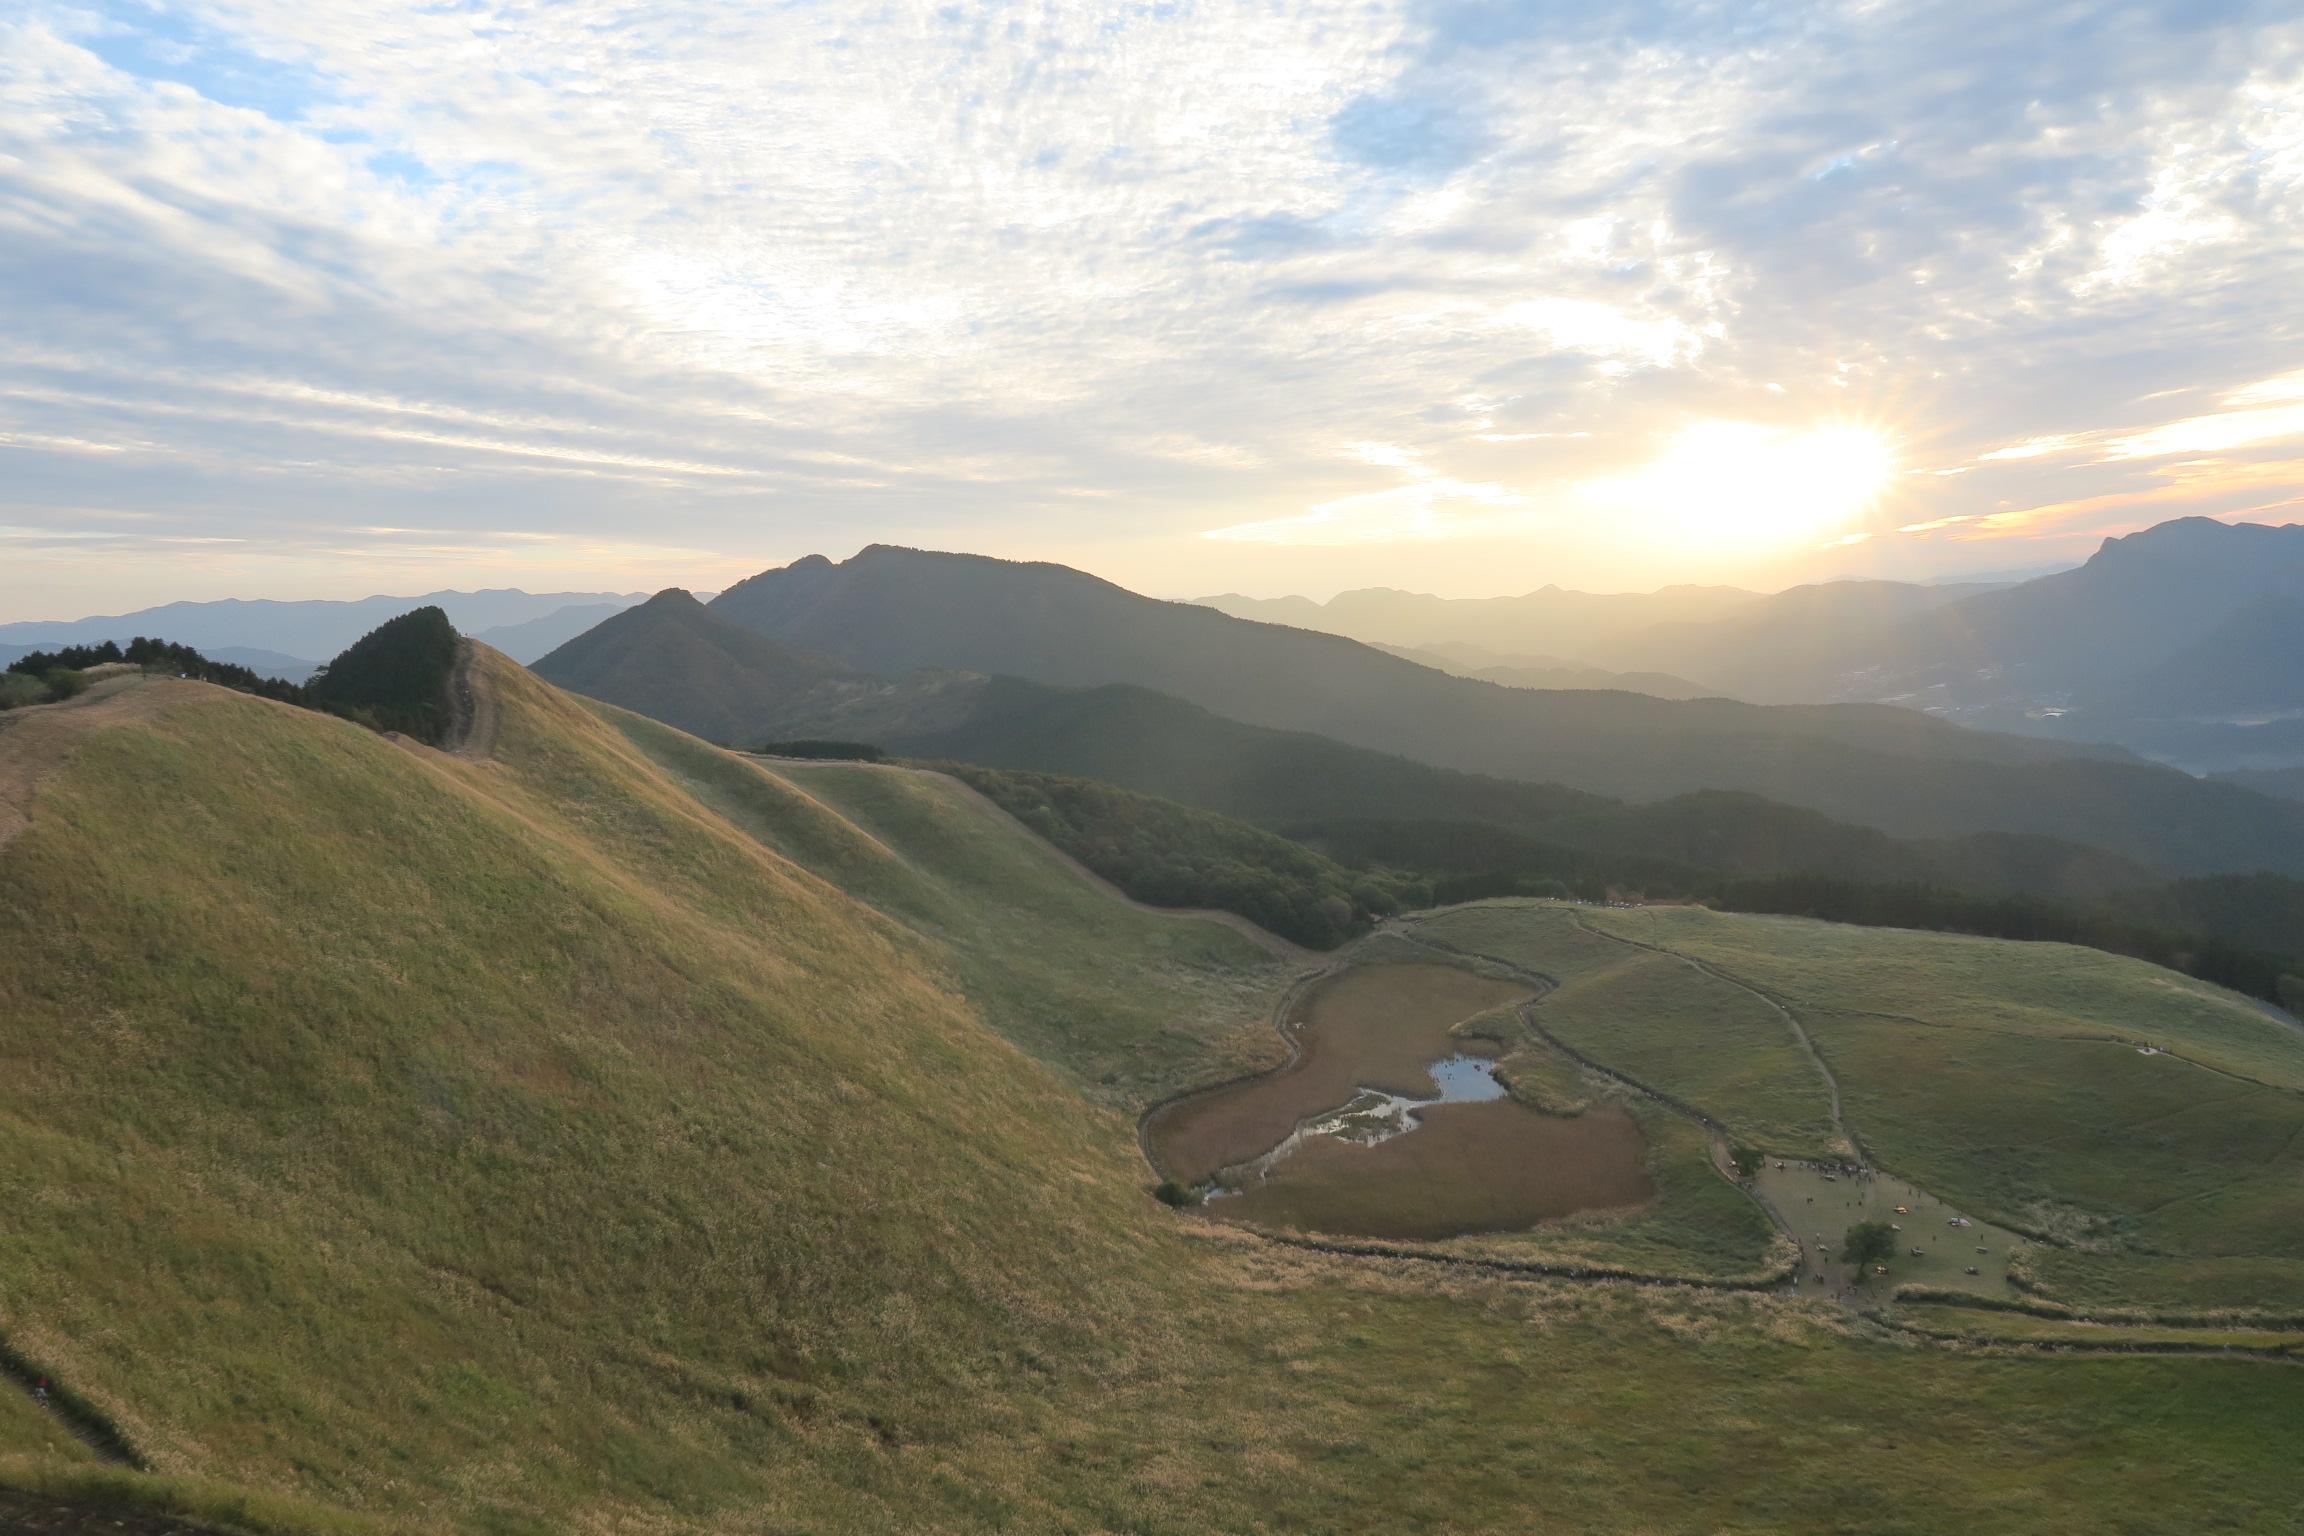 優しい光が高原を包み、美しい光景でした。